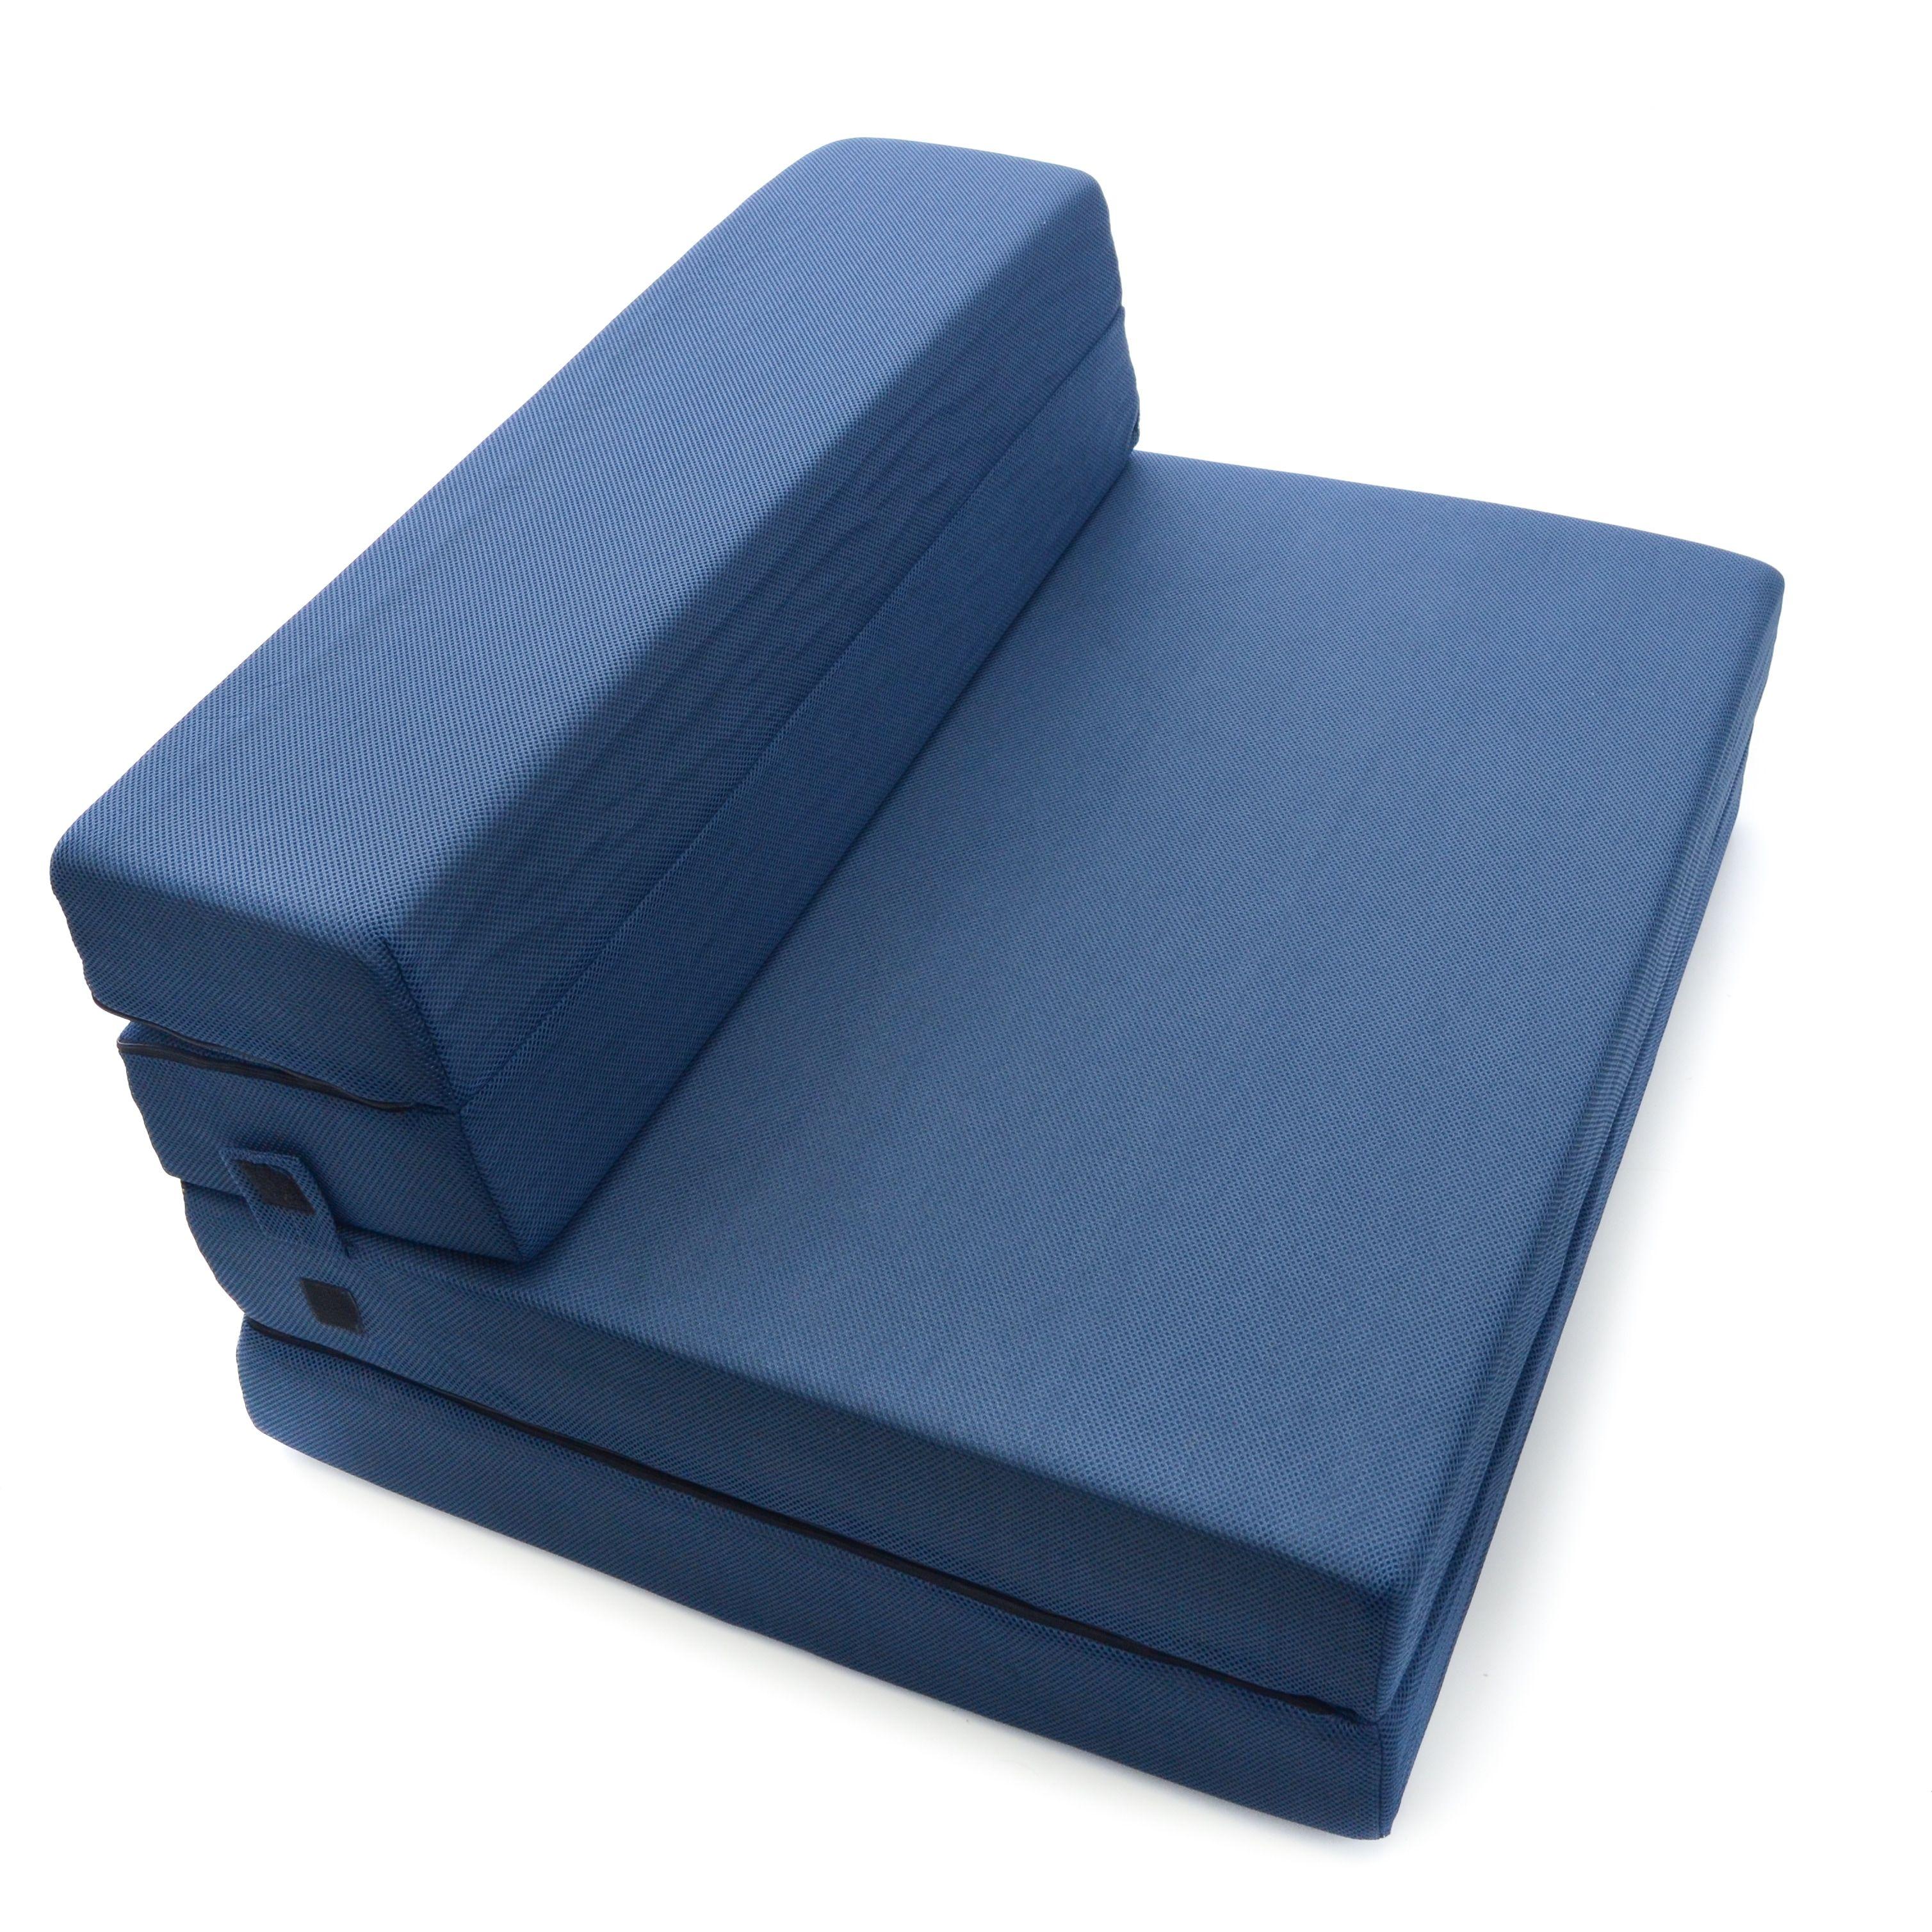 - Milliard 4.5 Inch Tri-Fold Foam Folding Mattress And Sofa Bed